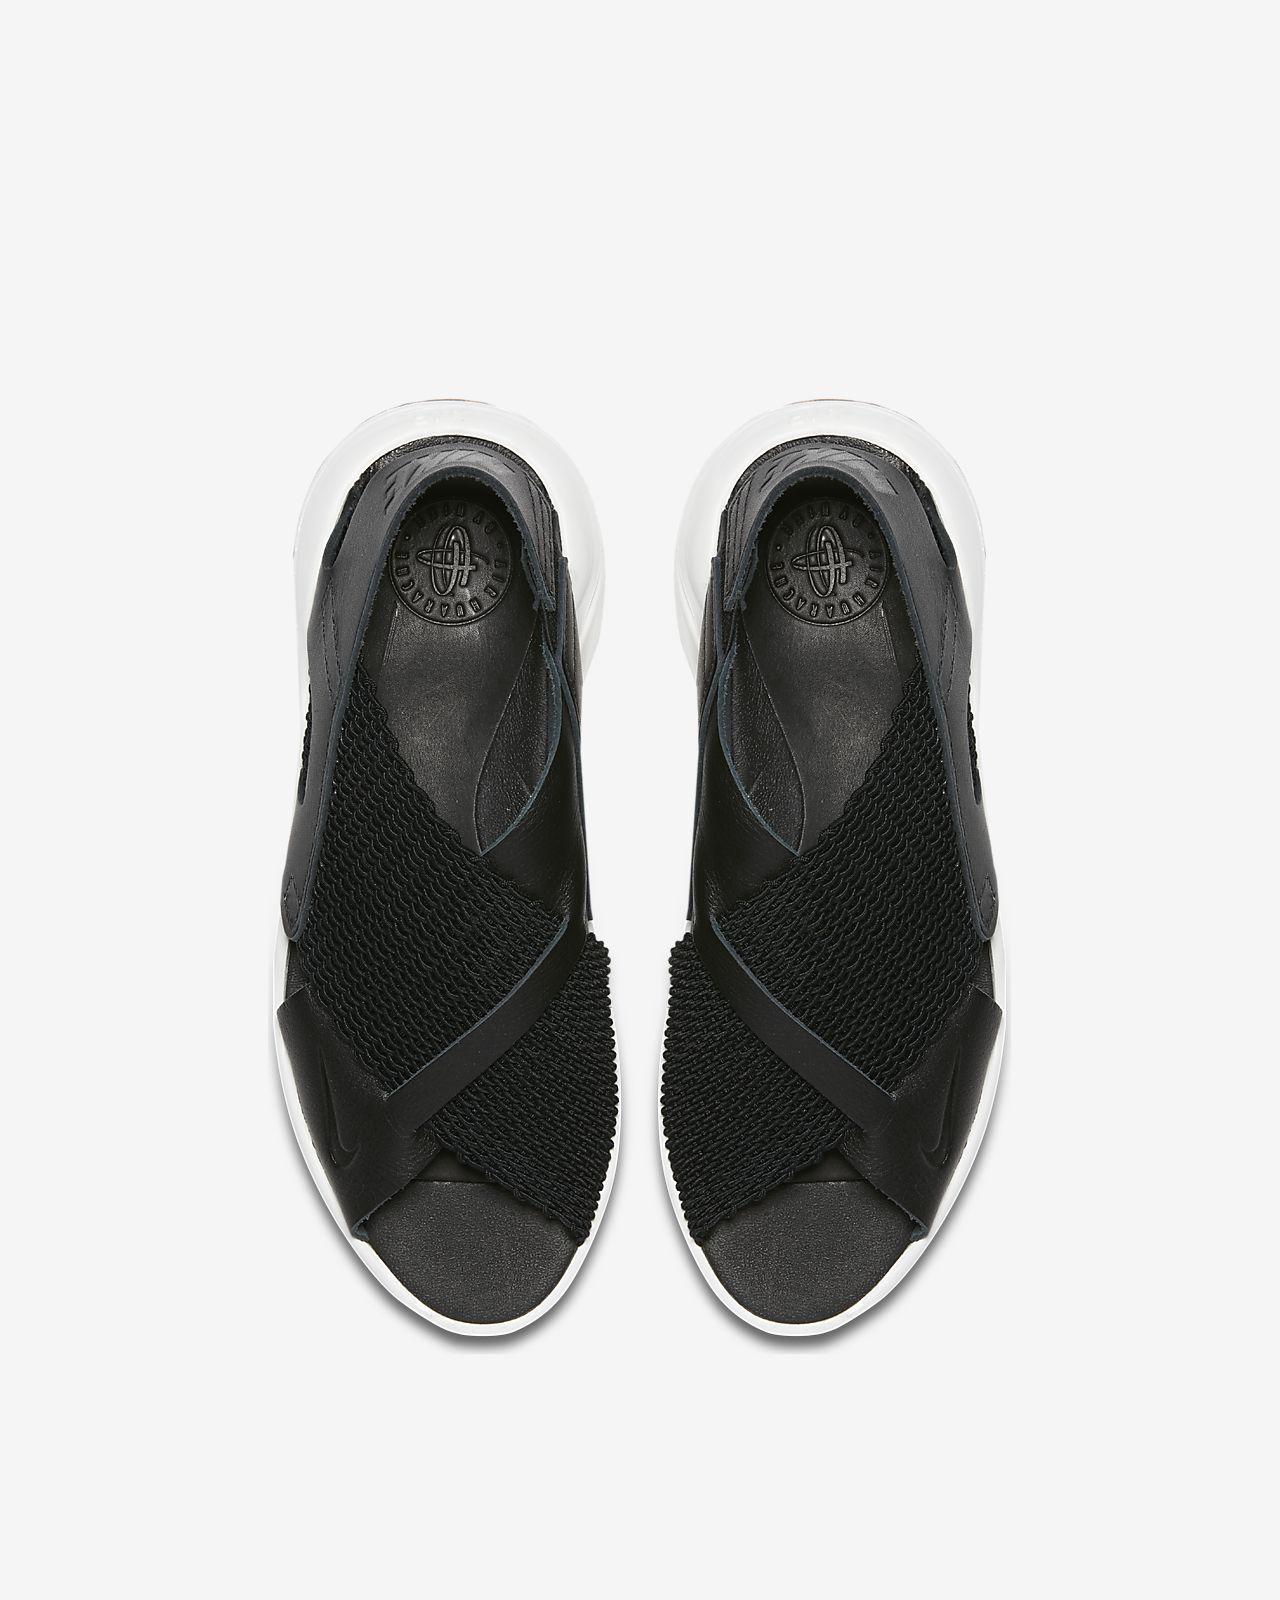 b0aac2733dc Nike Air Huarache Ultra Women s Sandal. Nike.com ID